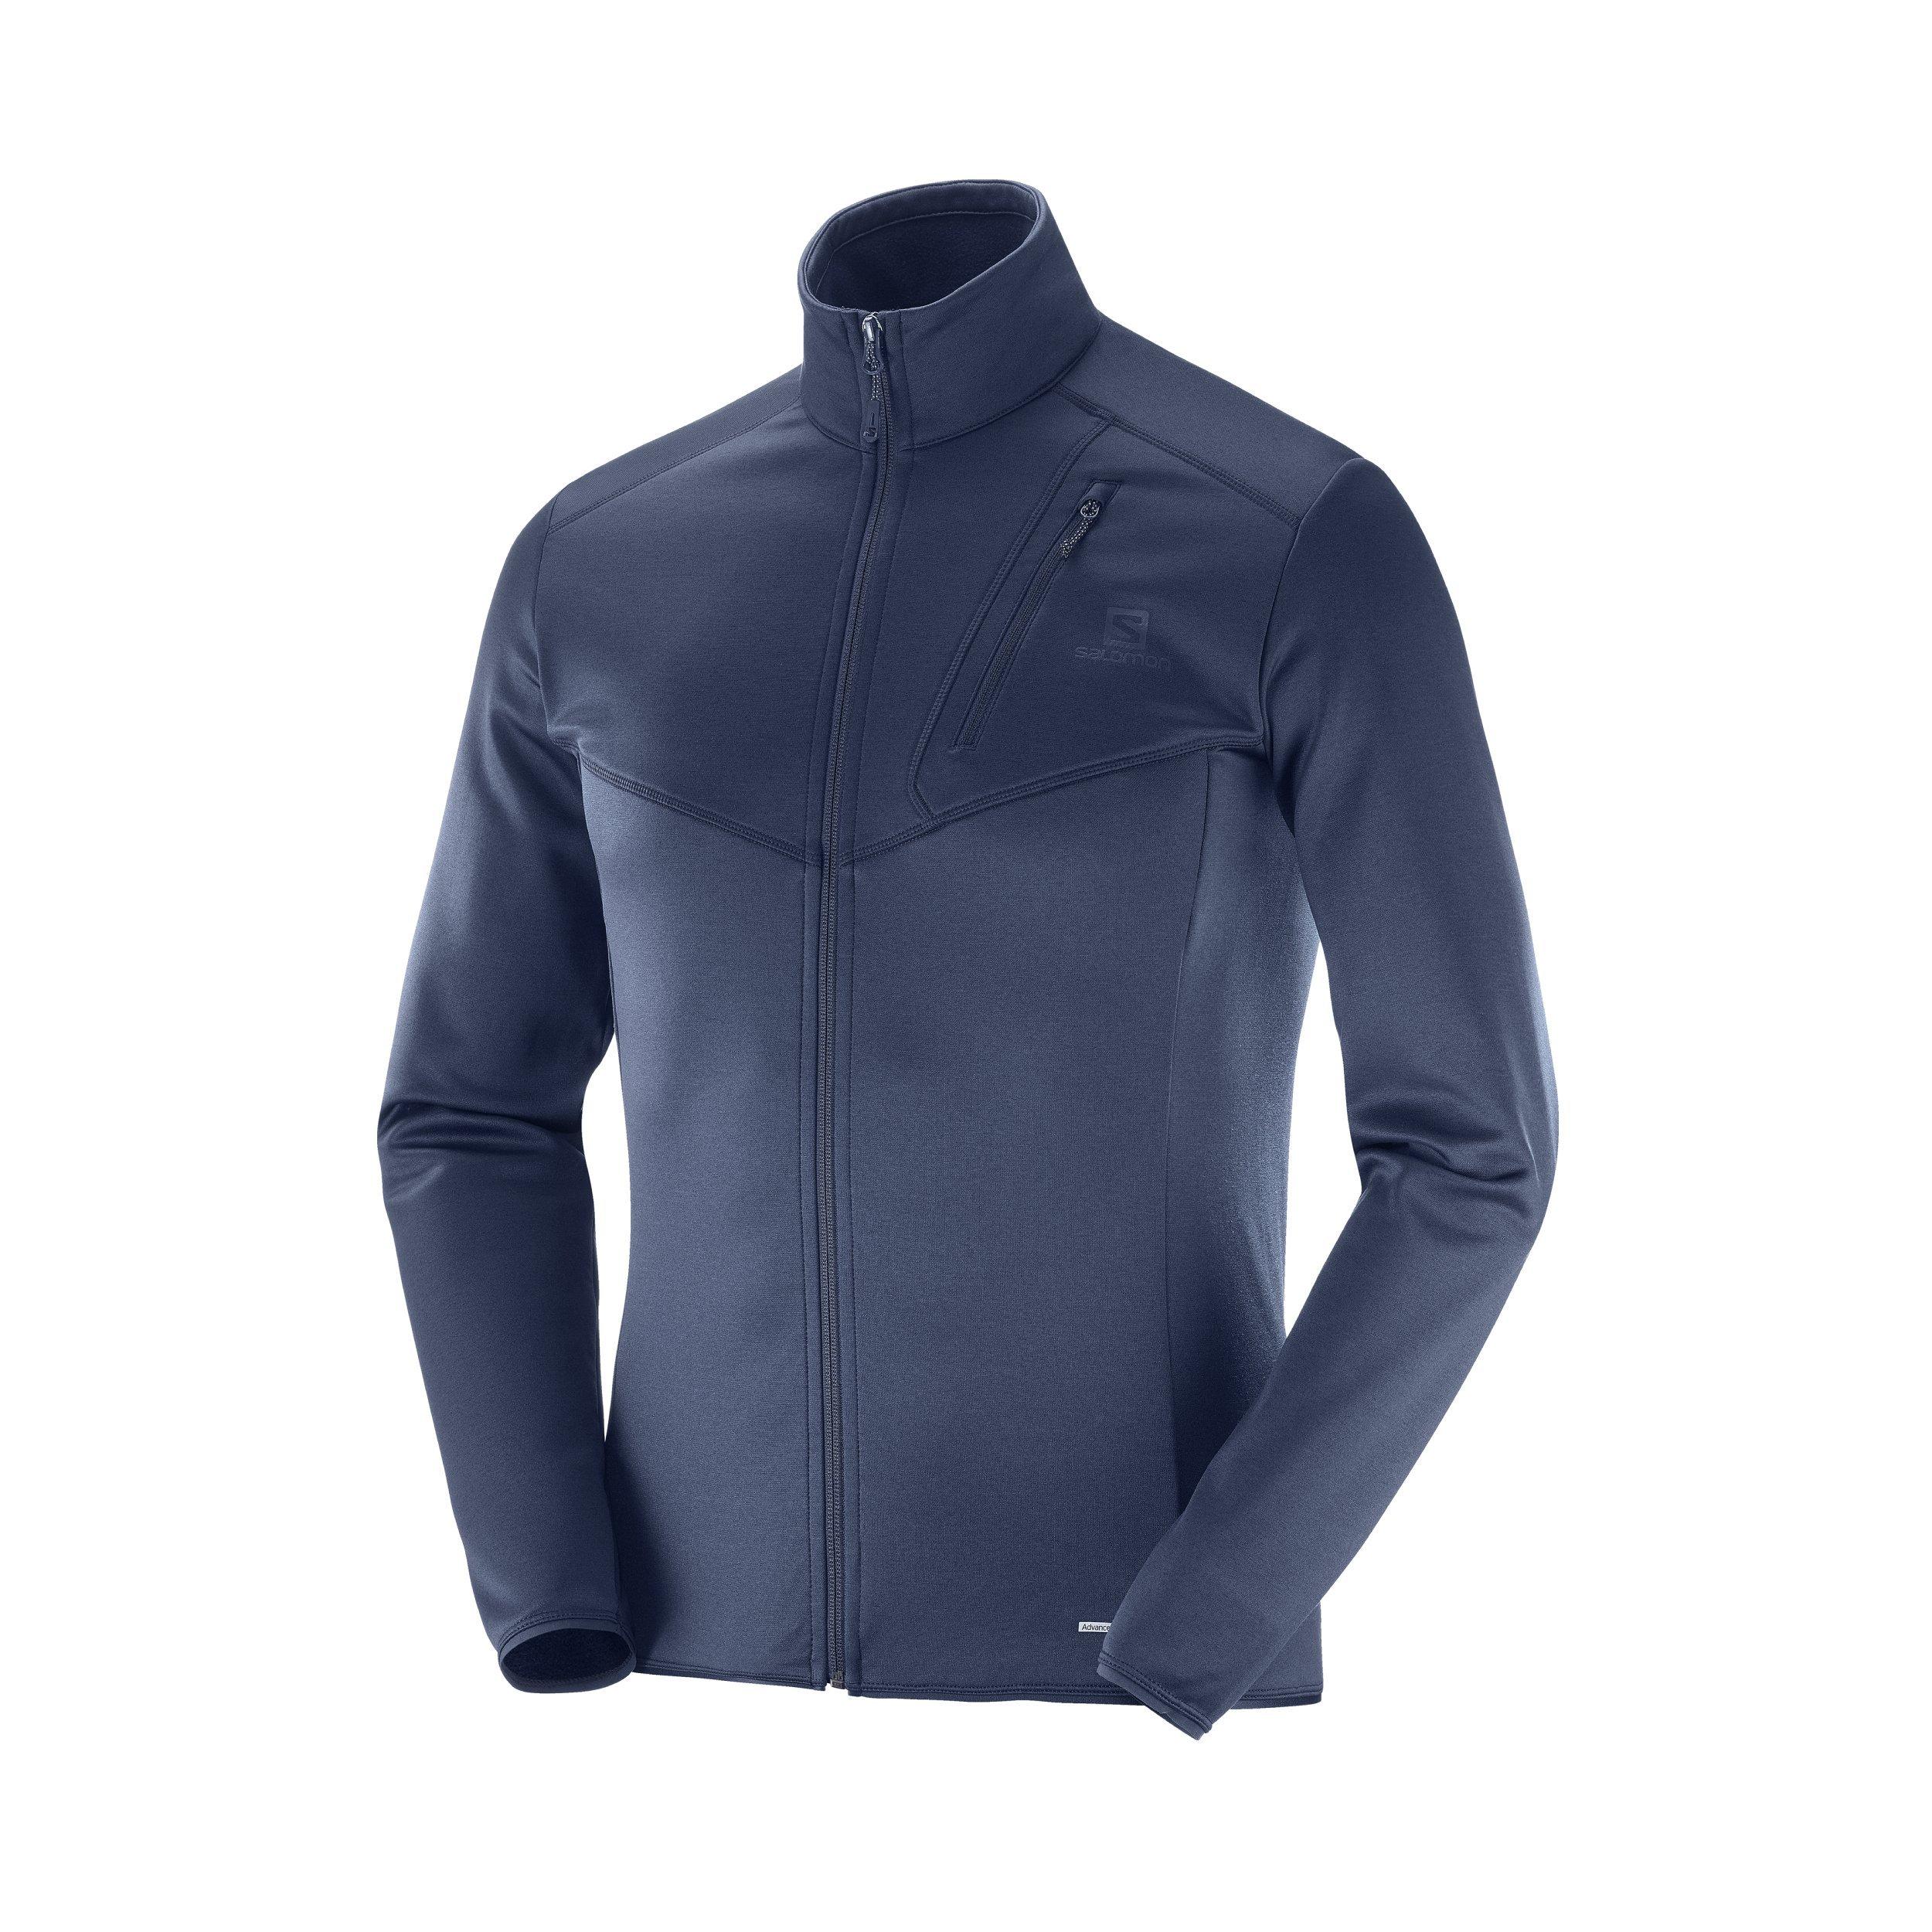 1631a0733 Lyžařské kalhoty Salomon Chill Out BIB Pant M L40409800 - Actisport.sk